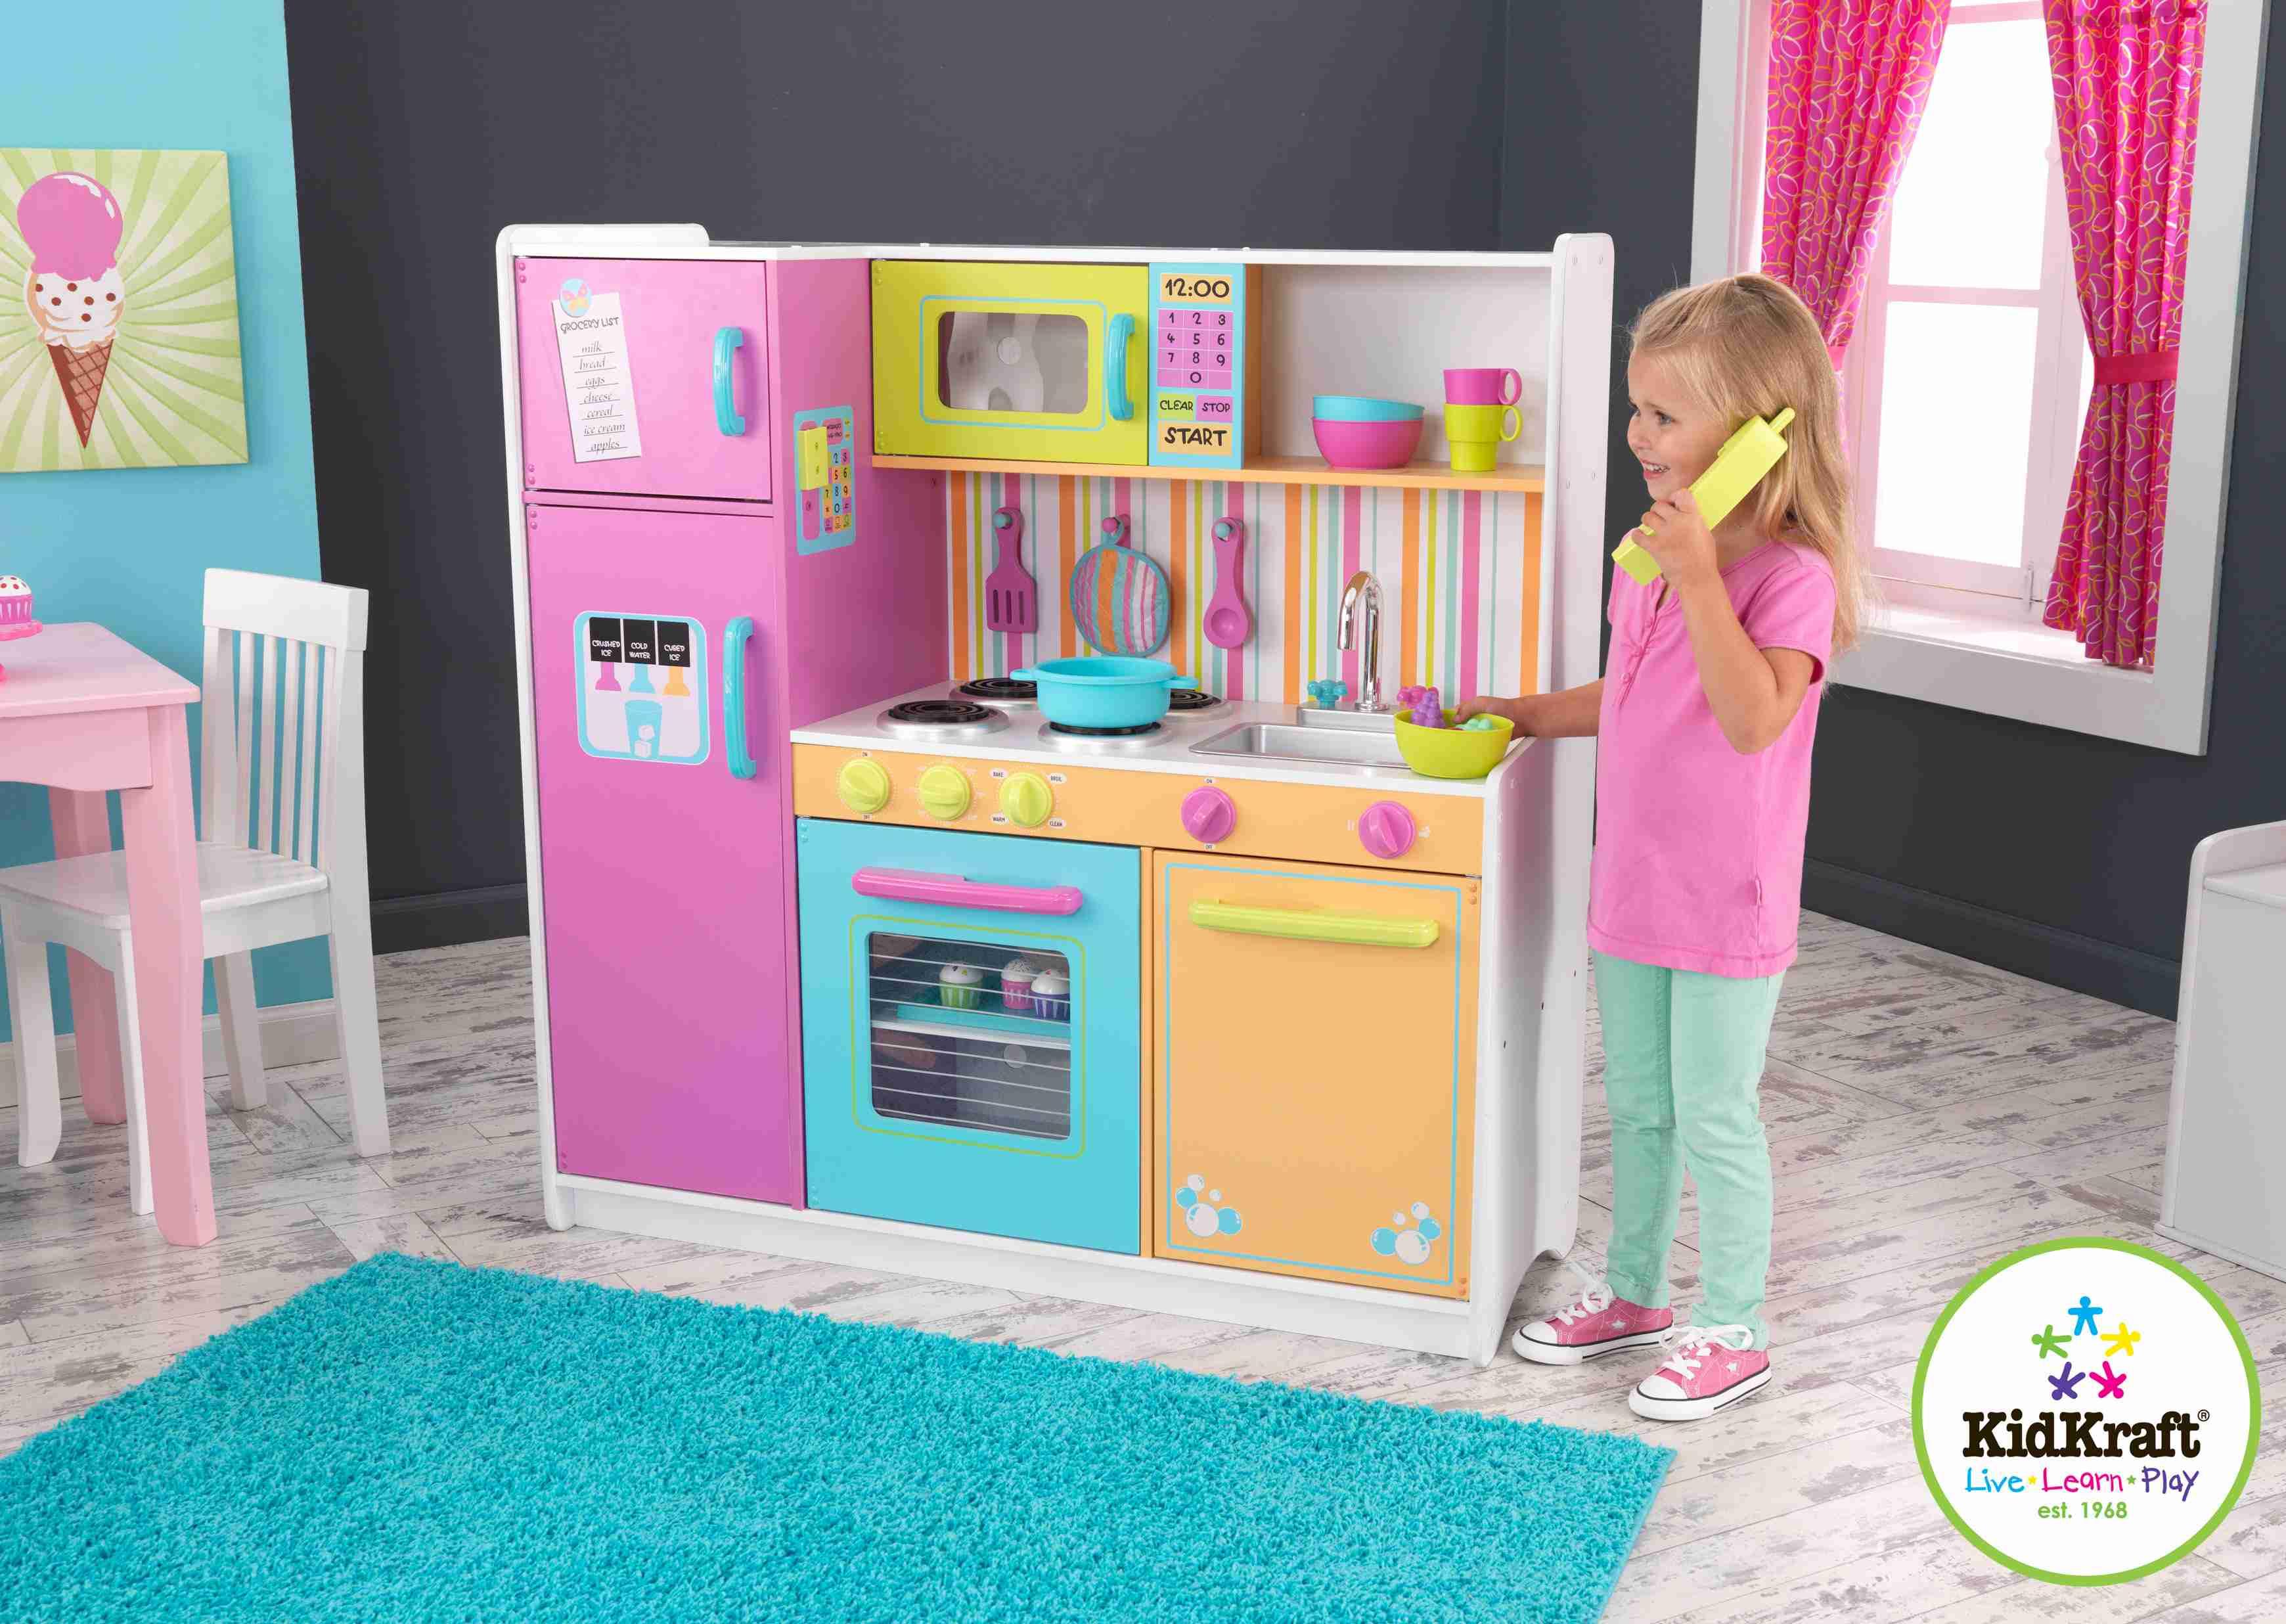 Superior Kidkraft Bright Kitchen Accessories Part - 12: Kidkraft Deluxe Big U0026 Bright Kitchen